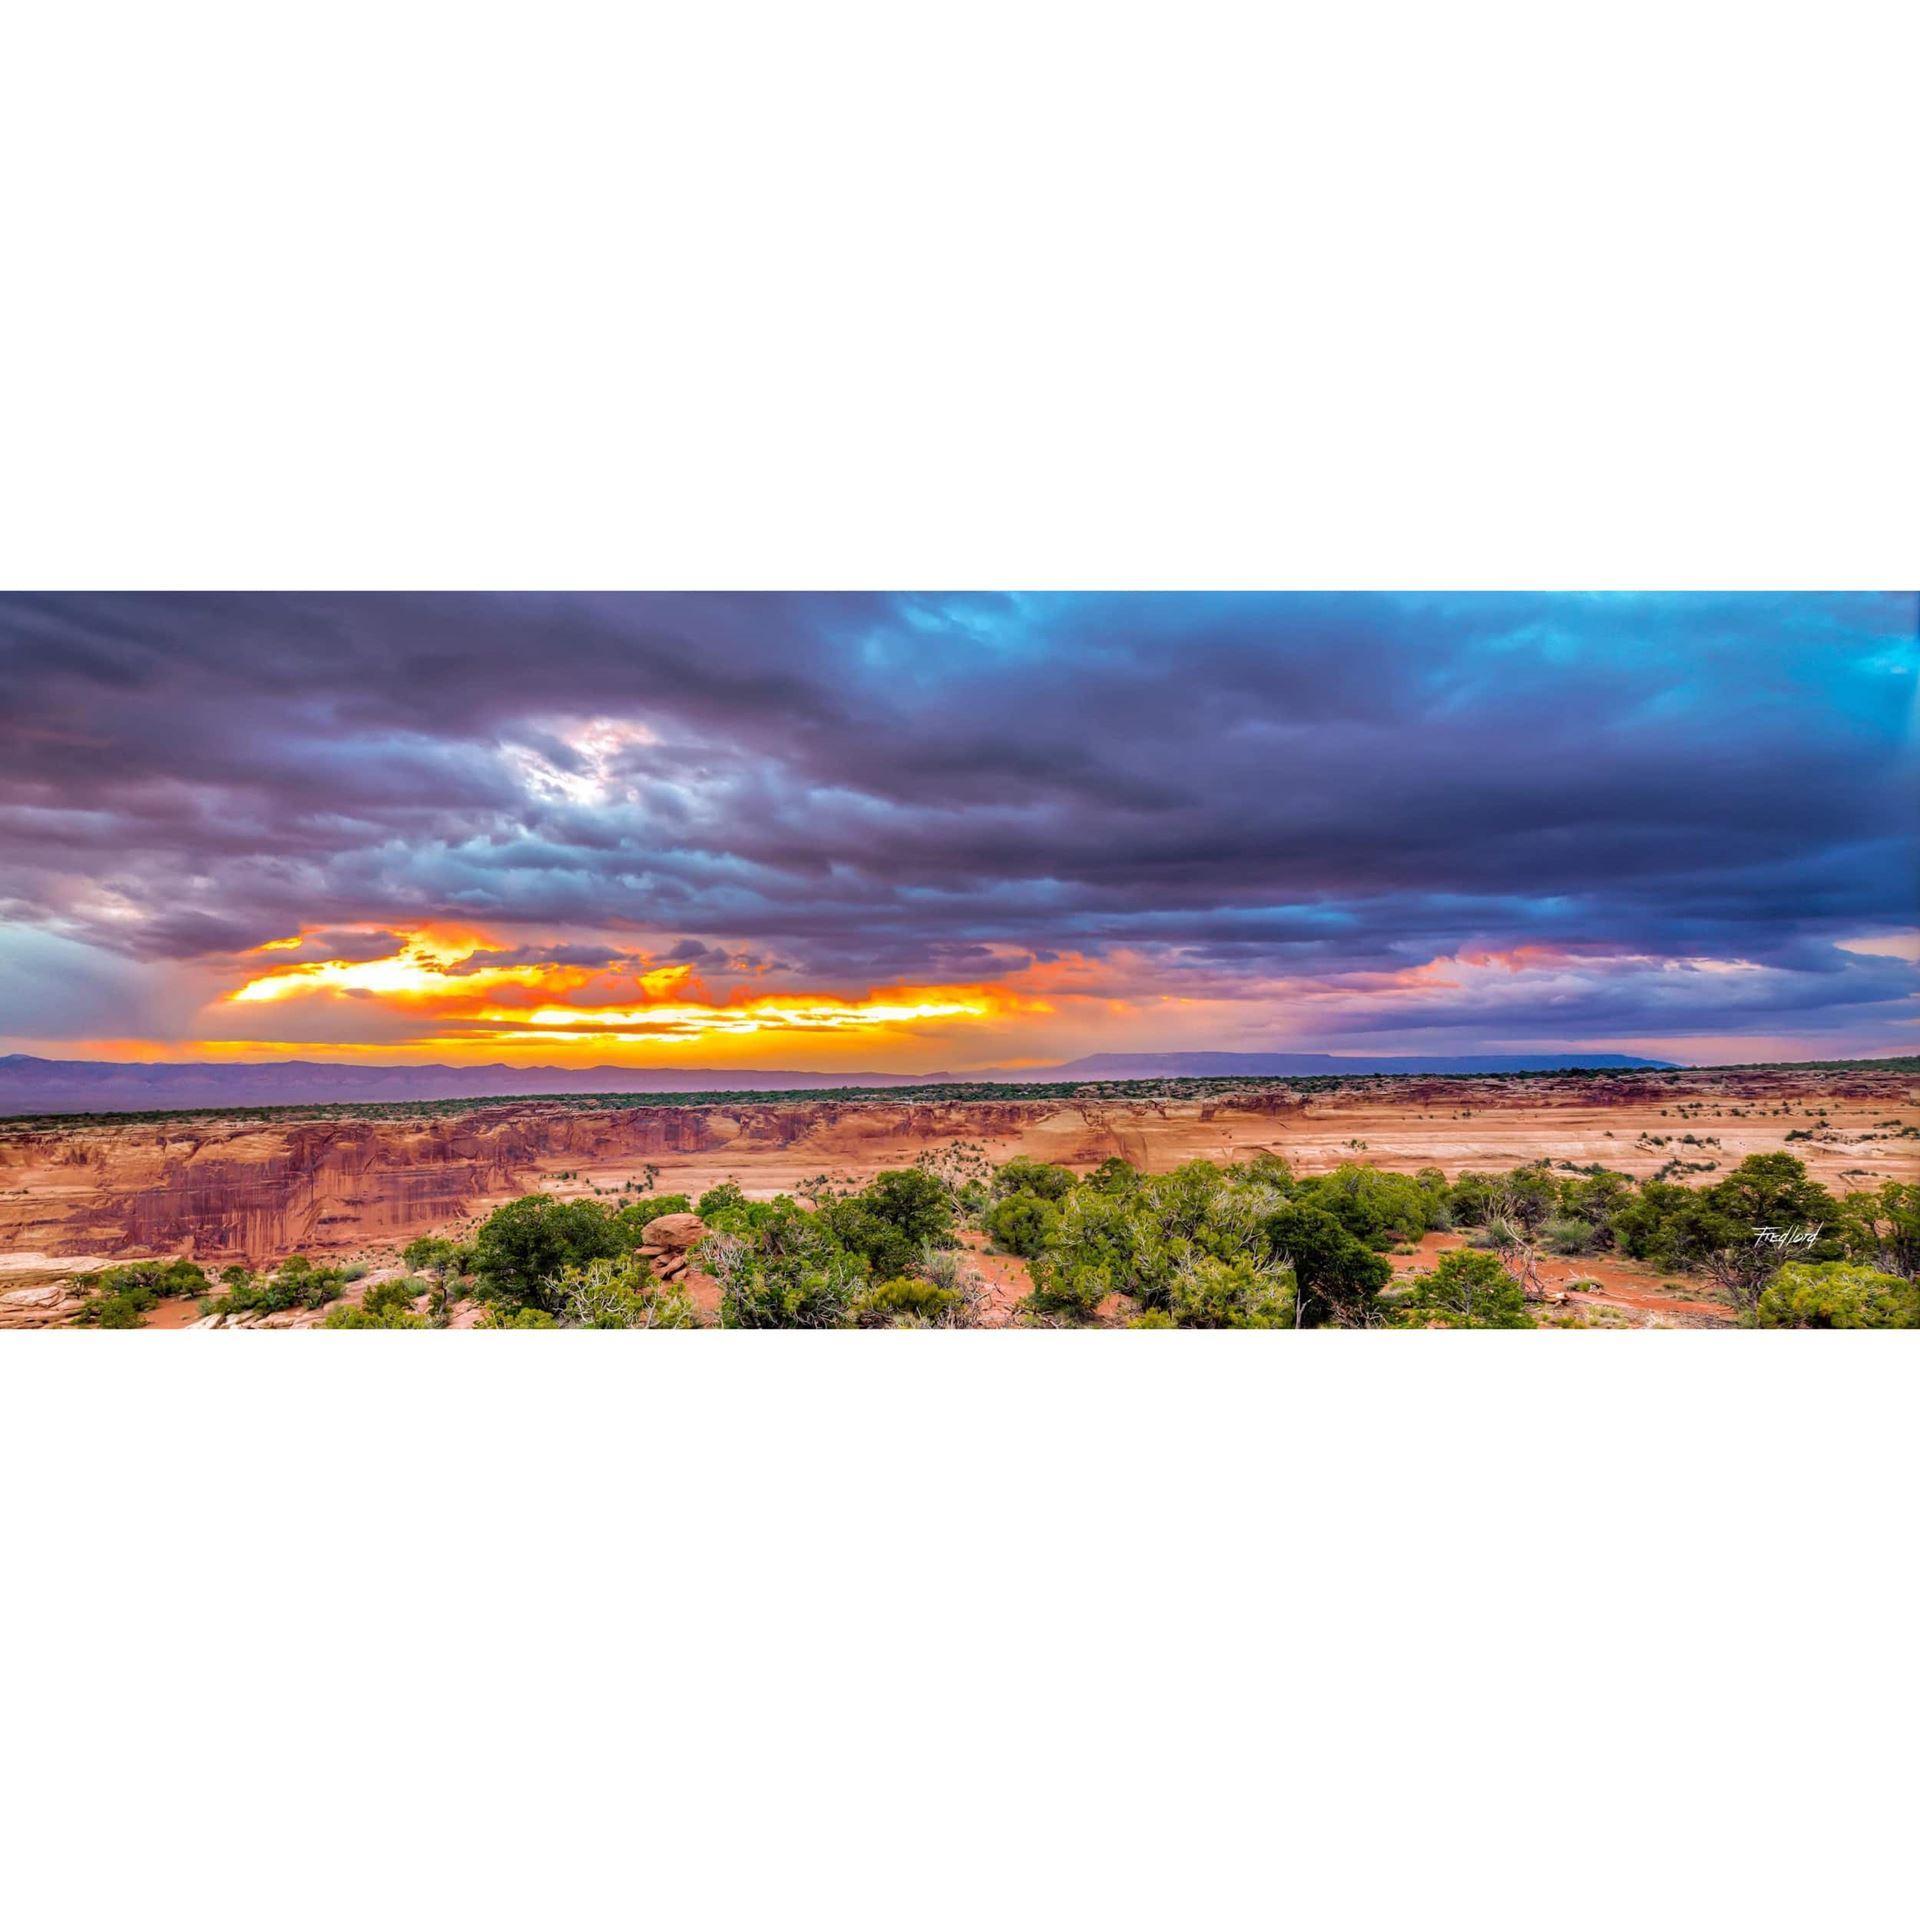 Storm Over The Desert 36x12